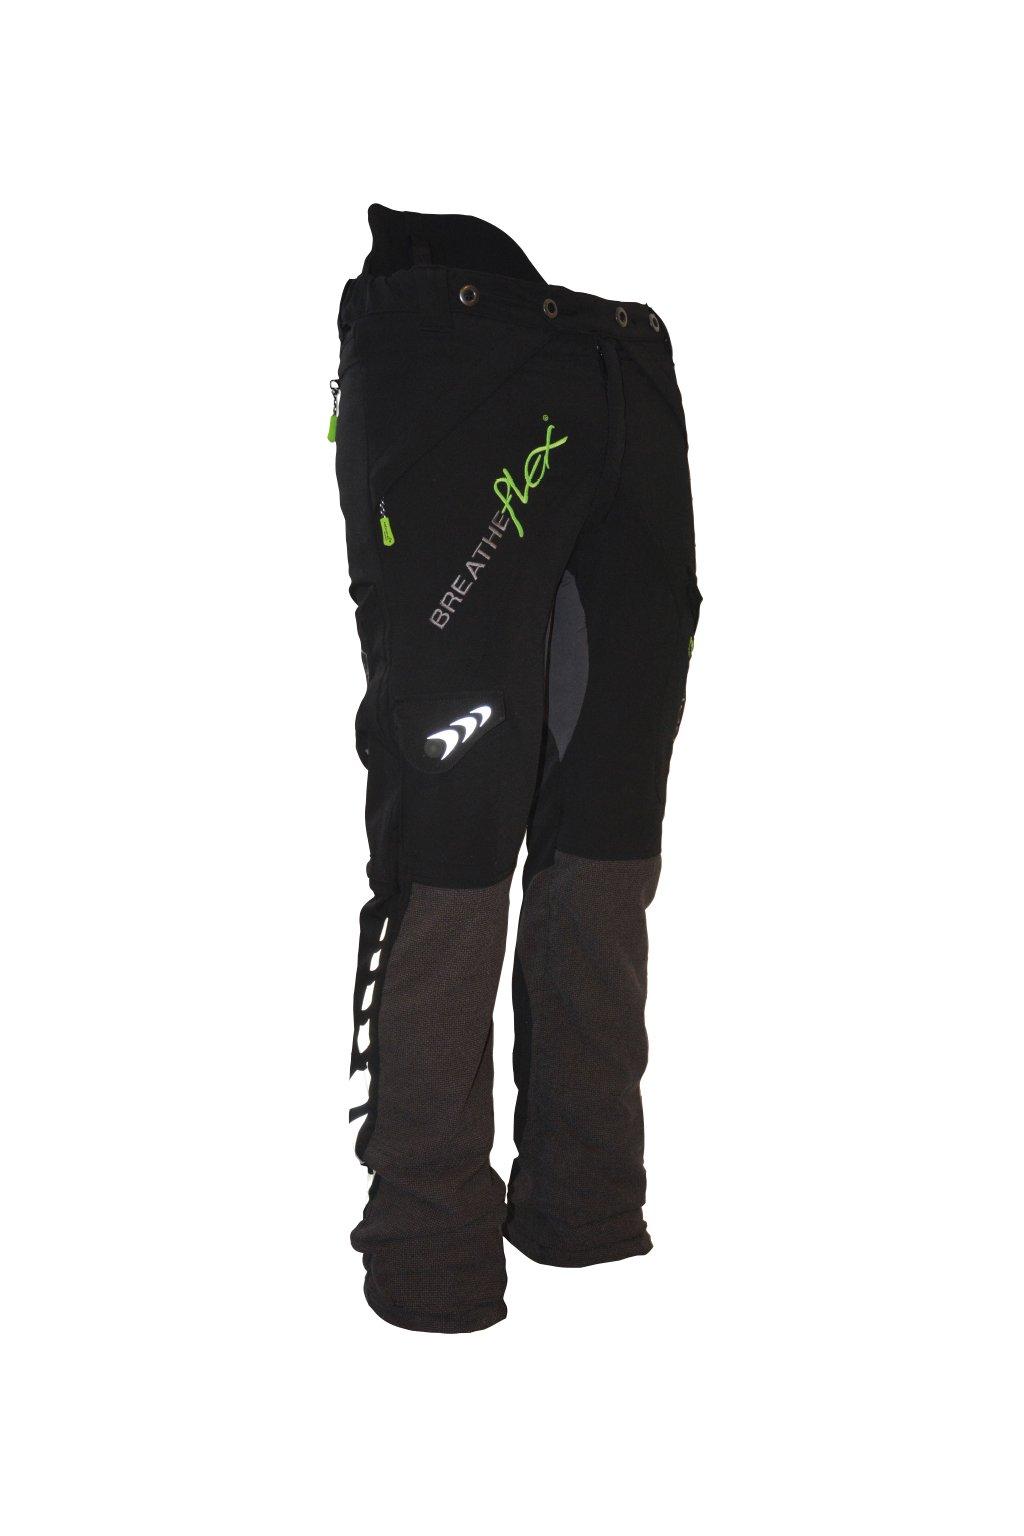 Protipořezové kalhoty Breatheflex černé Class1/TypeA Reg